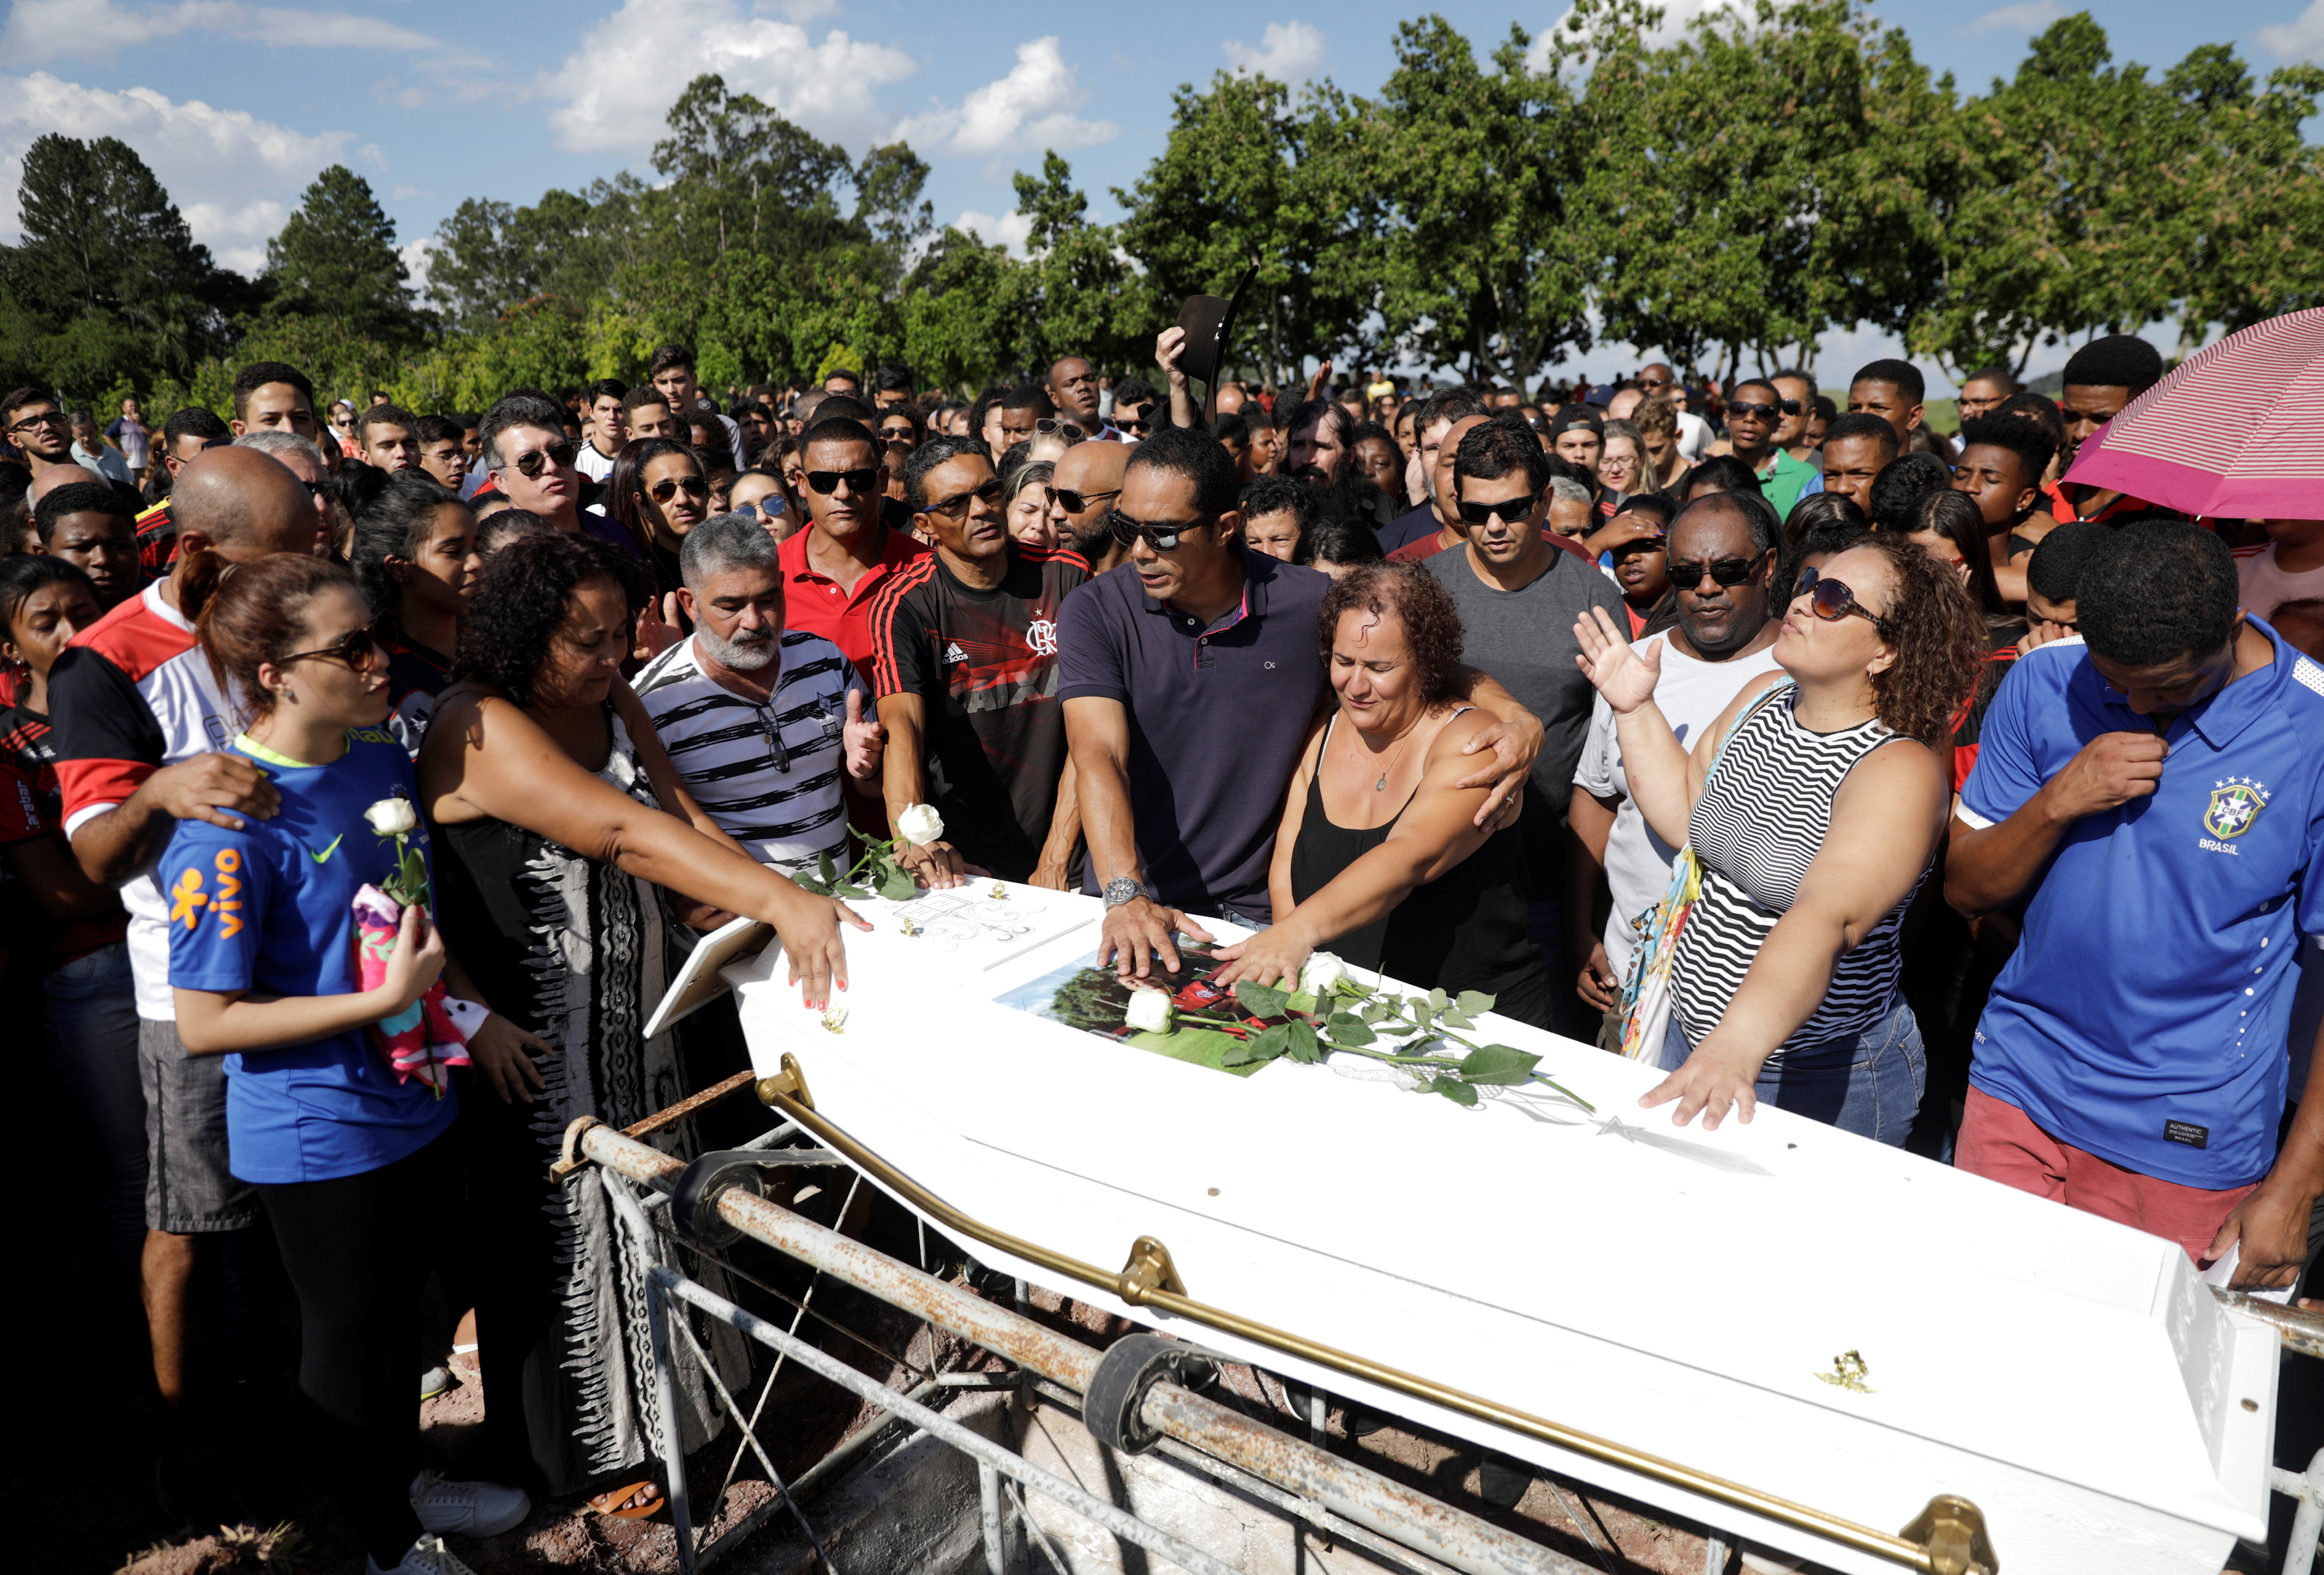 تشييع جثامين قتلى حريق مركز تدريب نادى فلامنجو البرازيلى (3)